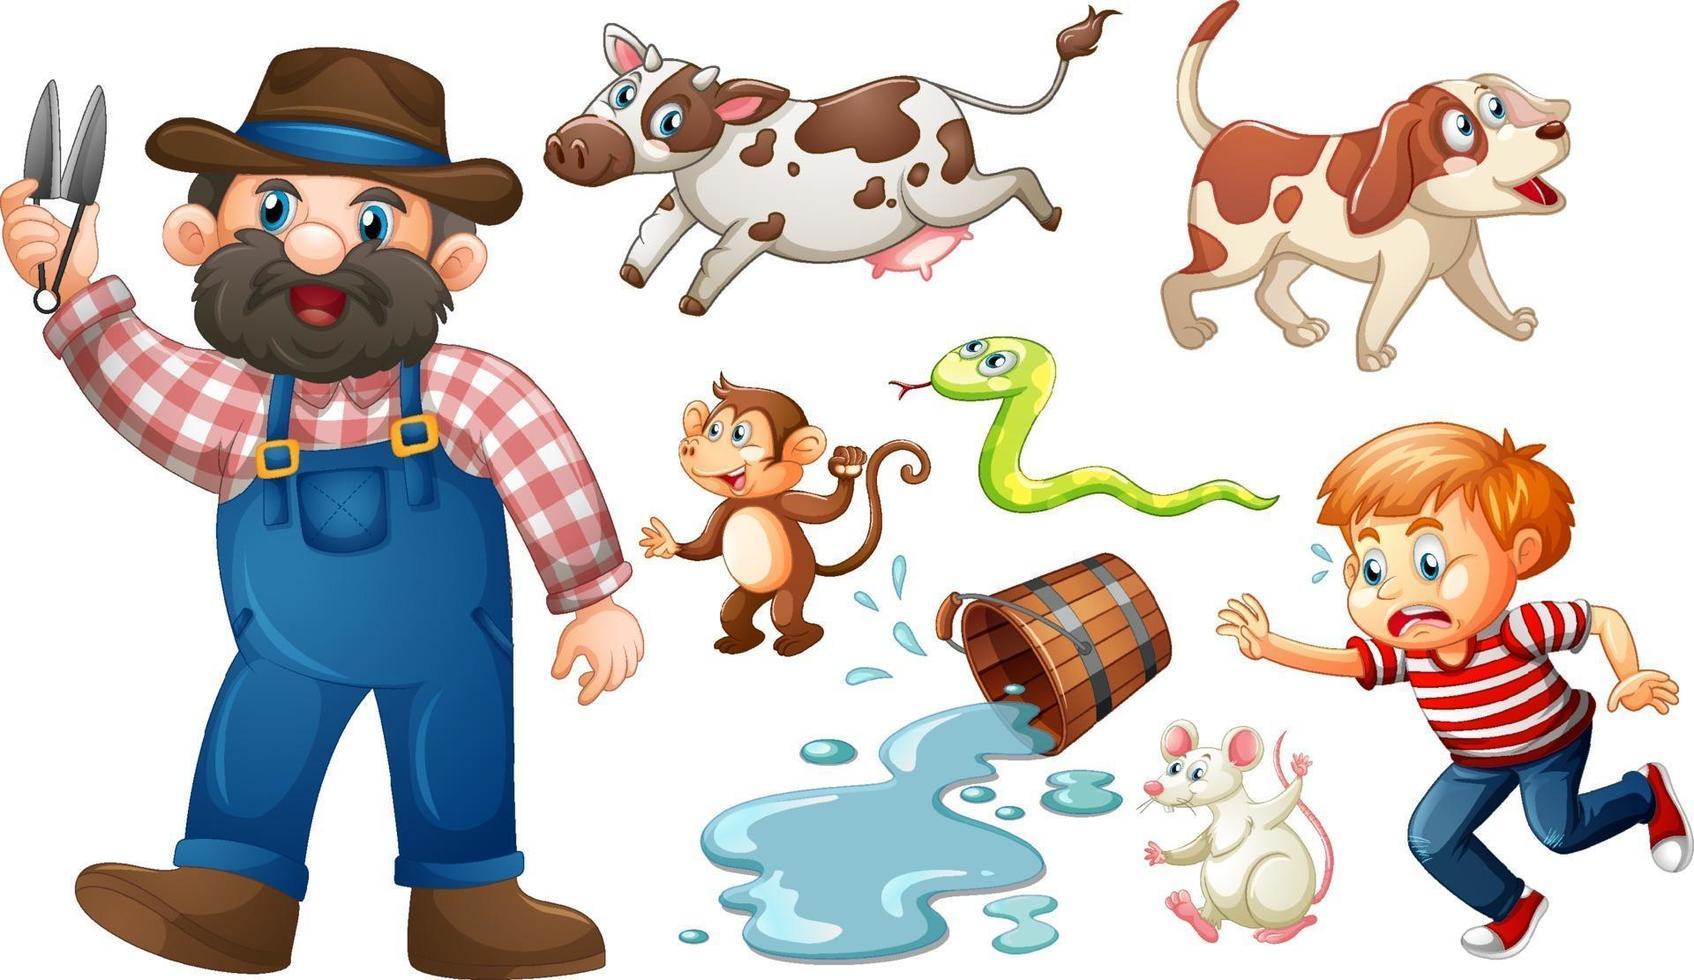 uppsättning fantasy karaktär och djur isolerad på vit bakgrund vektor